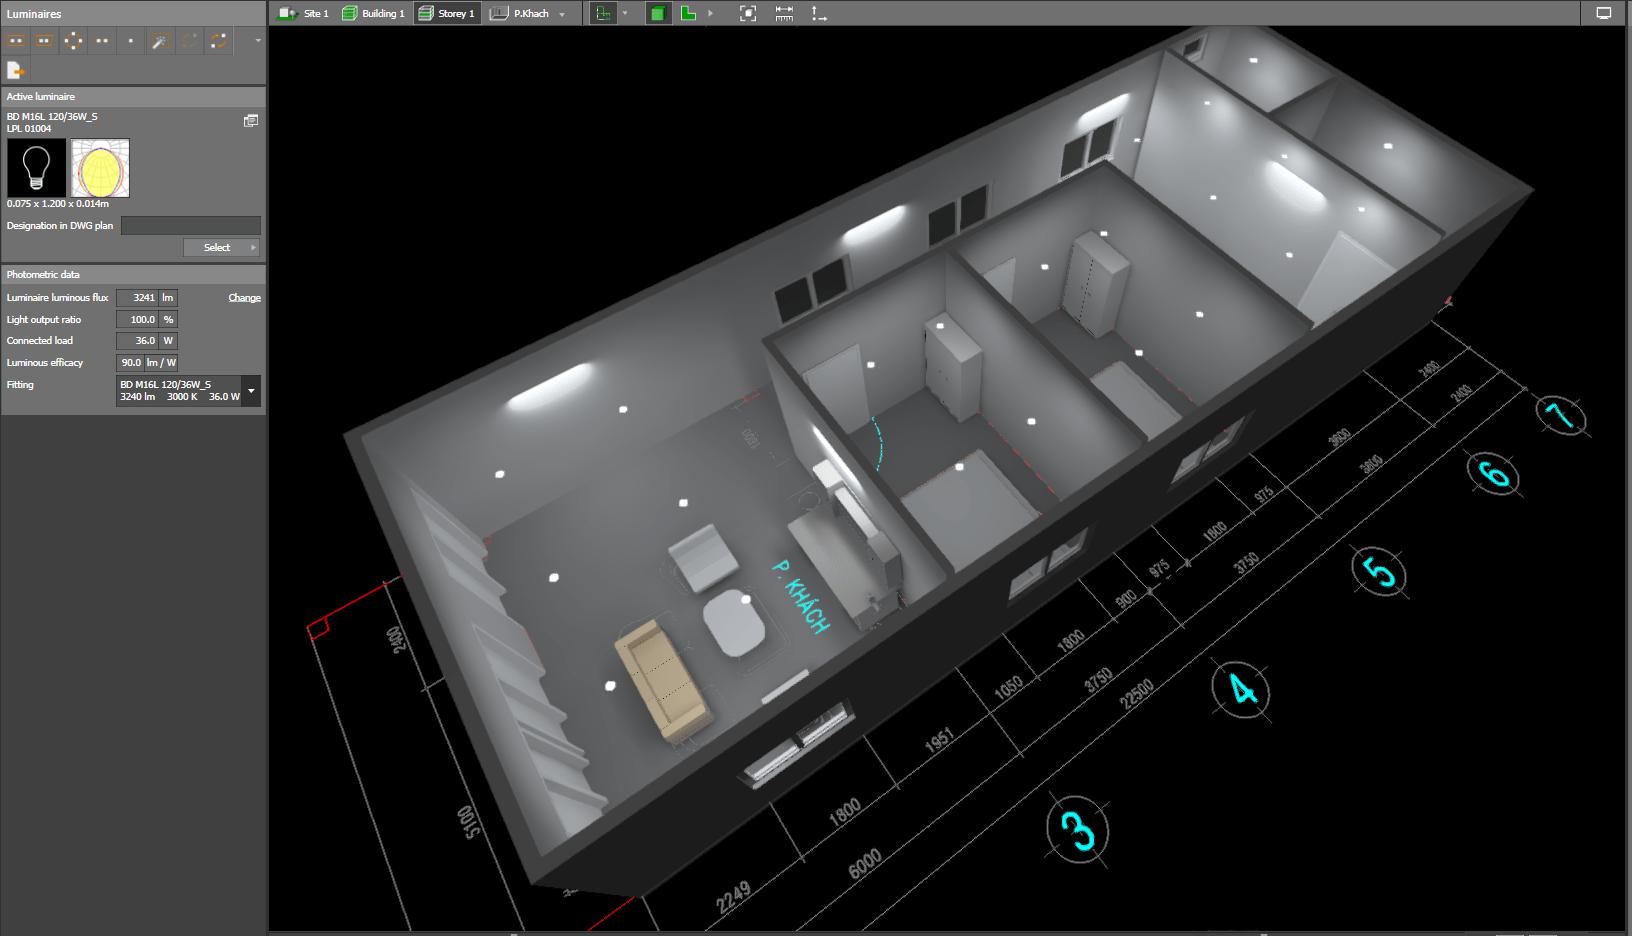 Thiết kế chiếu sáng bằng phần mềm dialux evo